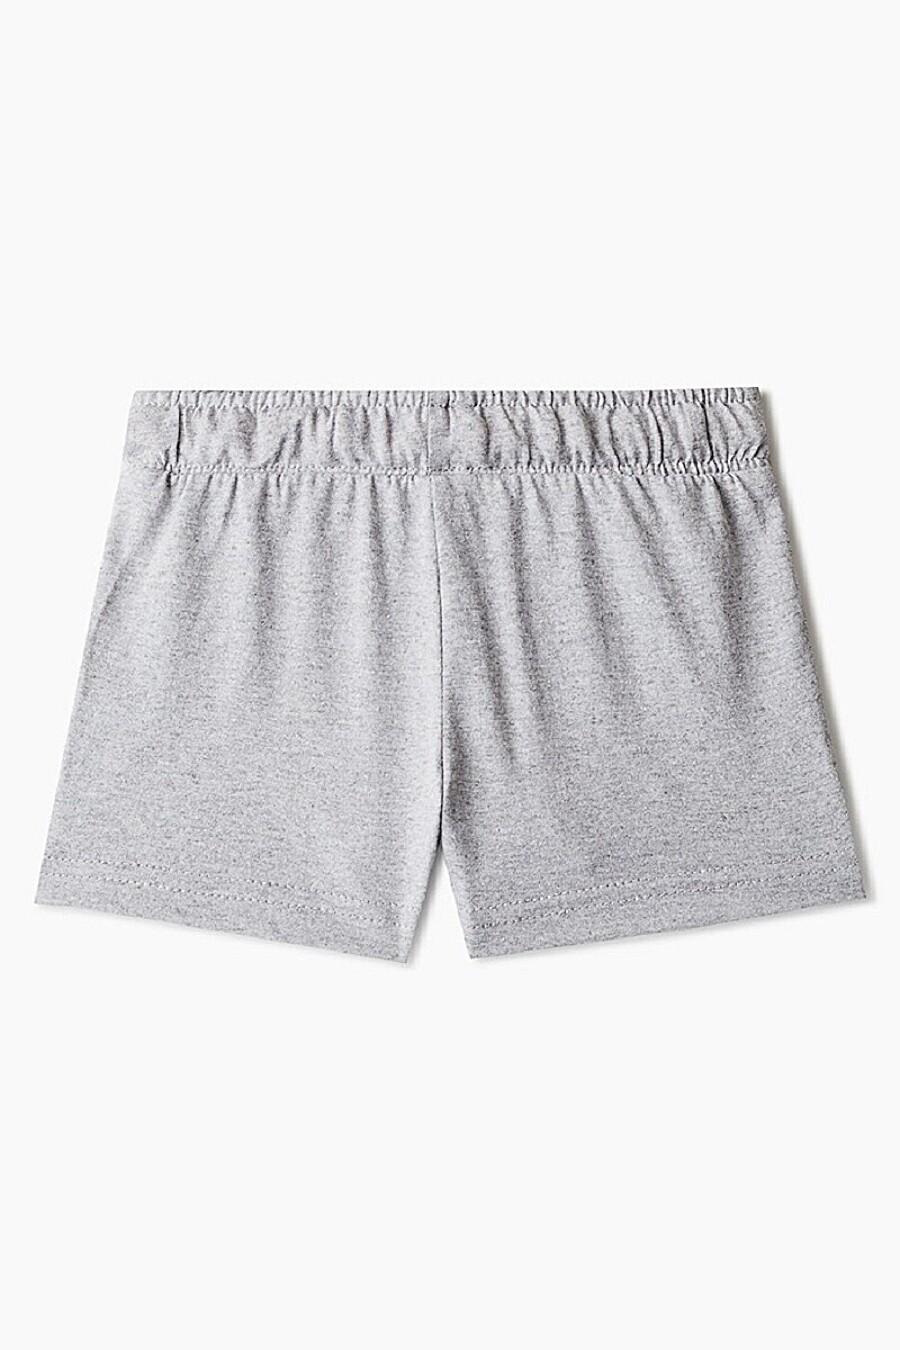 Шорты для девочек ELARIA 205309 купить оптом от производителя. Совместная покупка детской одежды в OptMoyo